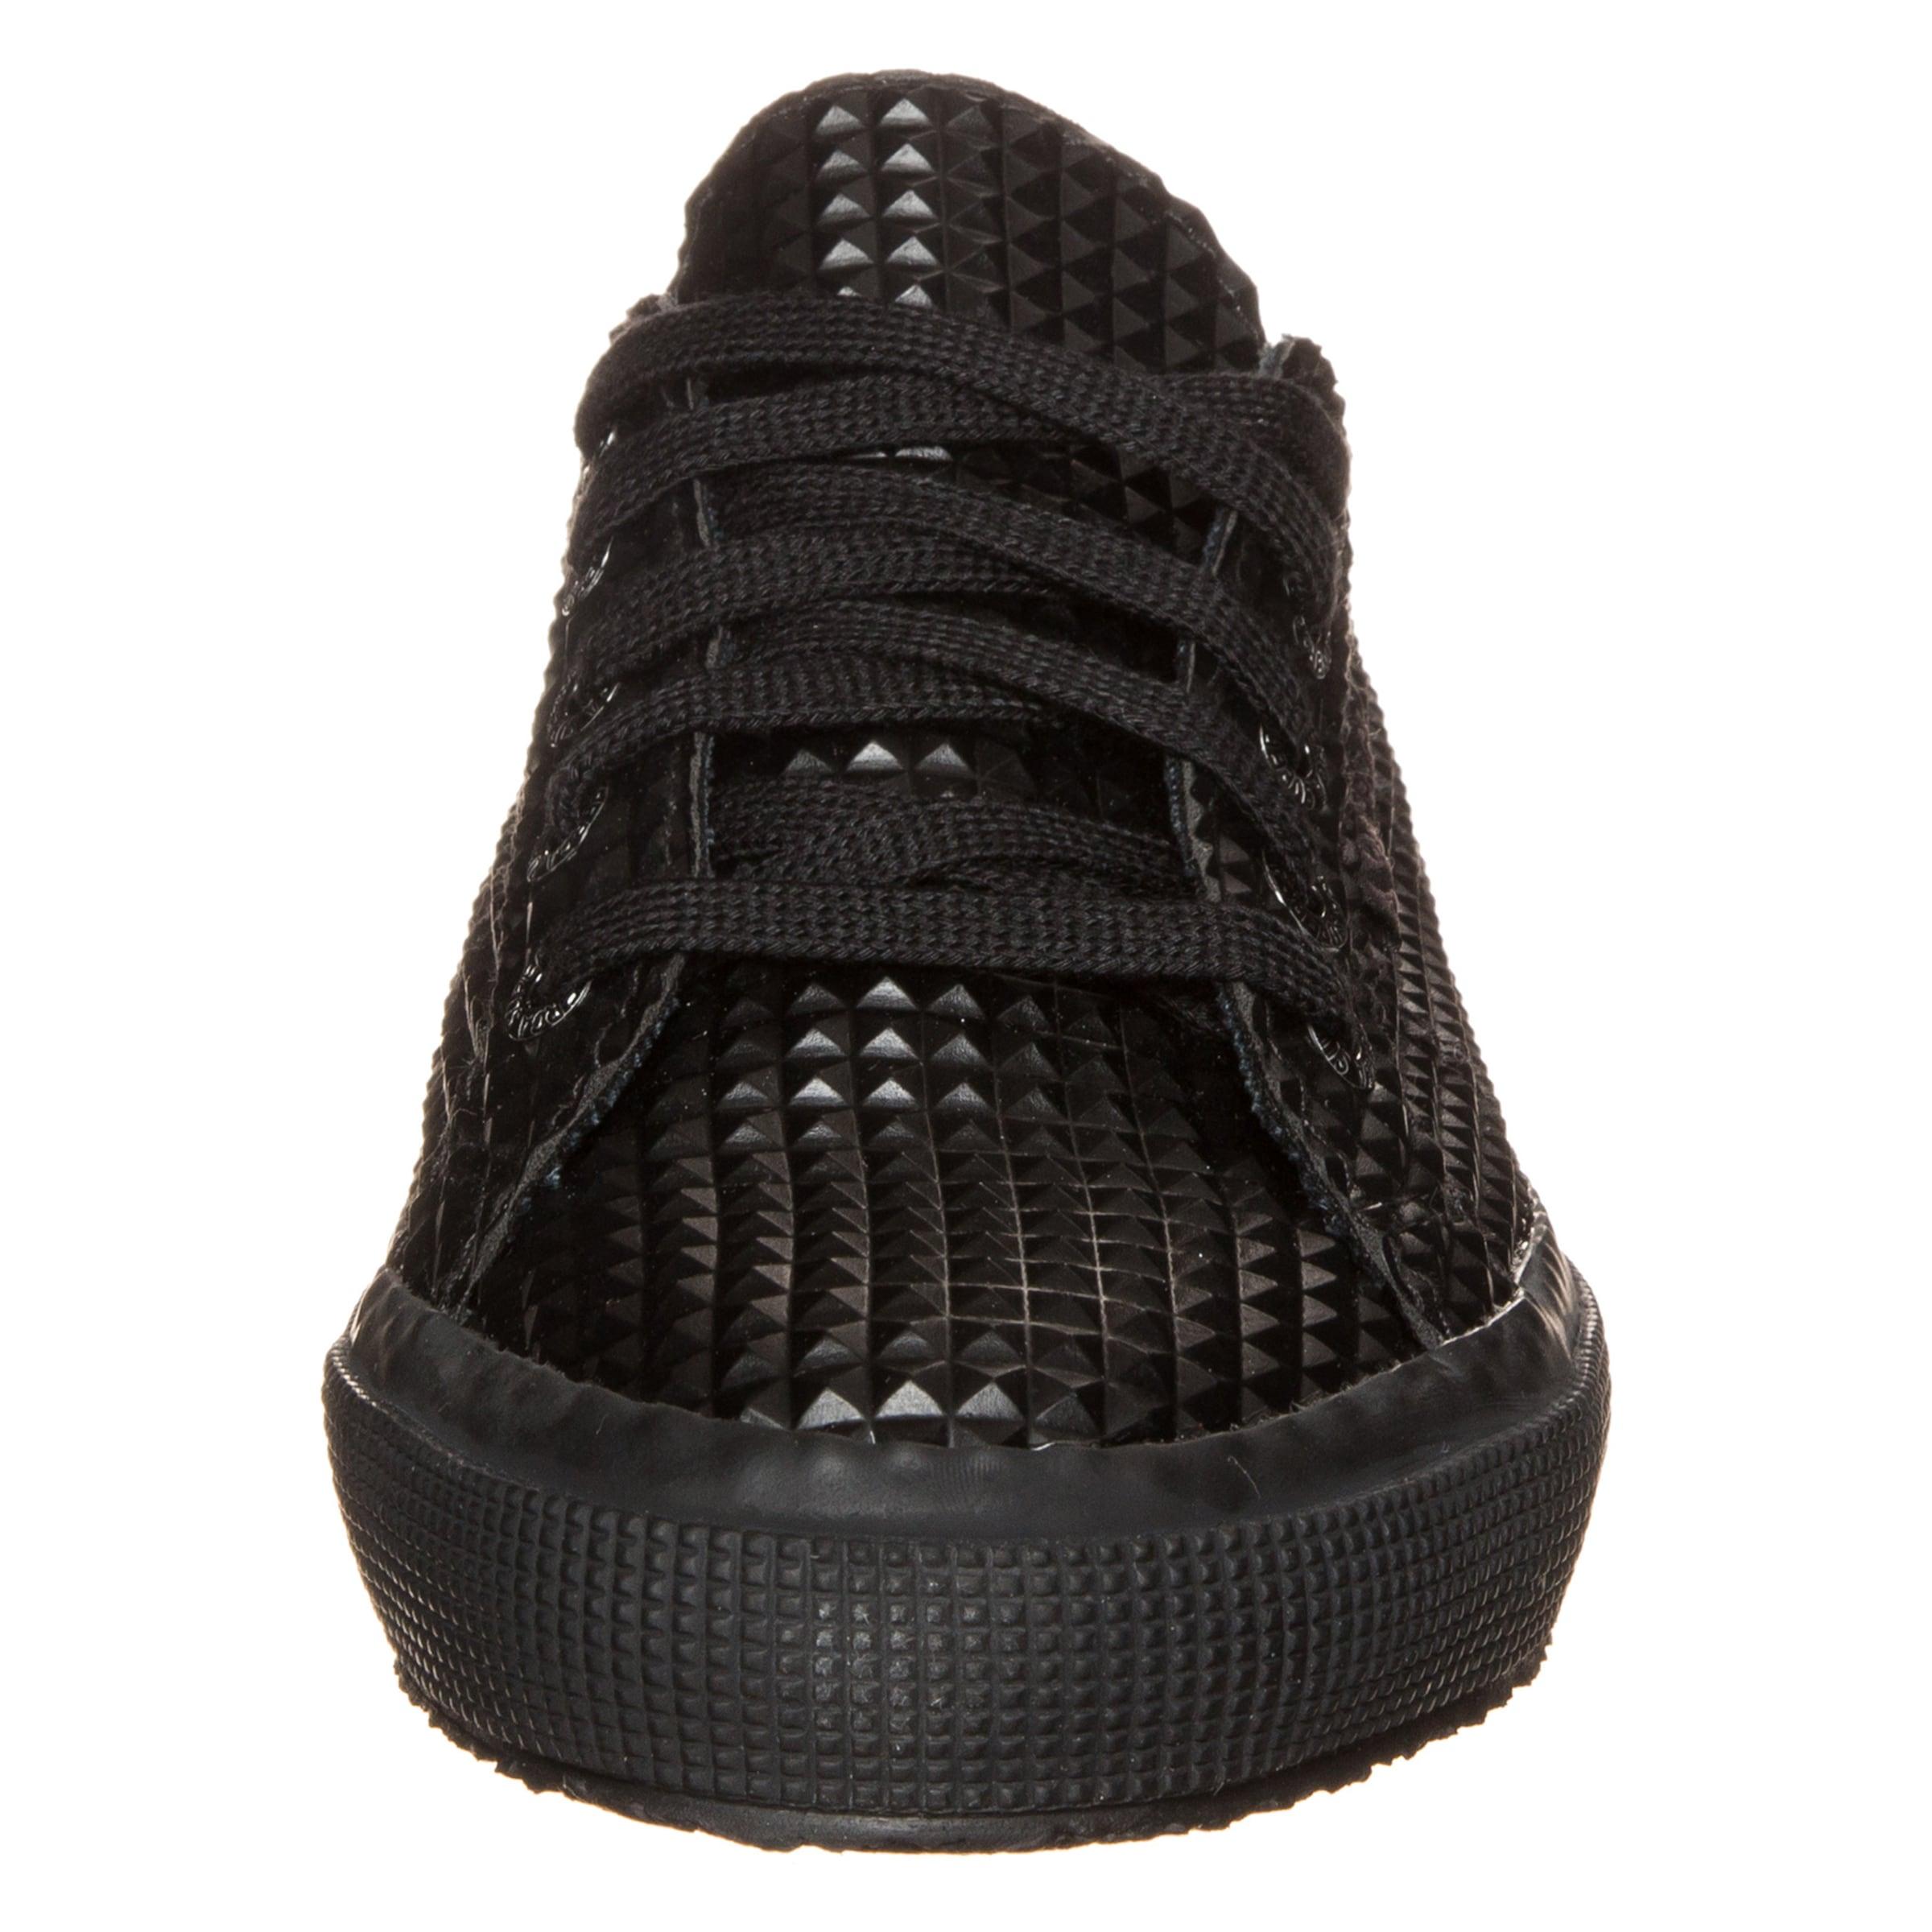 SUPERGA Sneaker 'RBRPYRAMIDU' Einkaufen Spielraum Online-Shop Auslass Manchester qkiYNYHP1